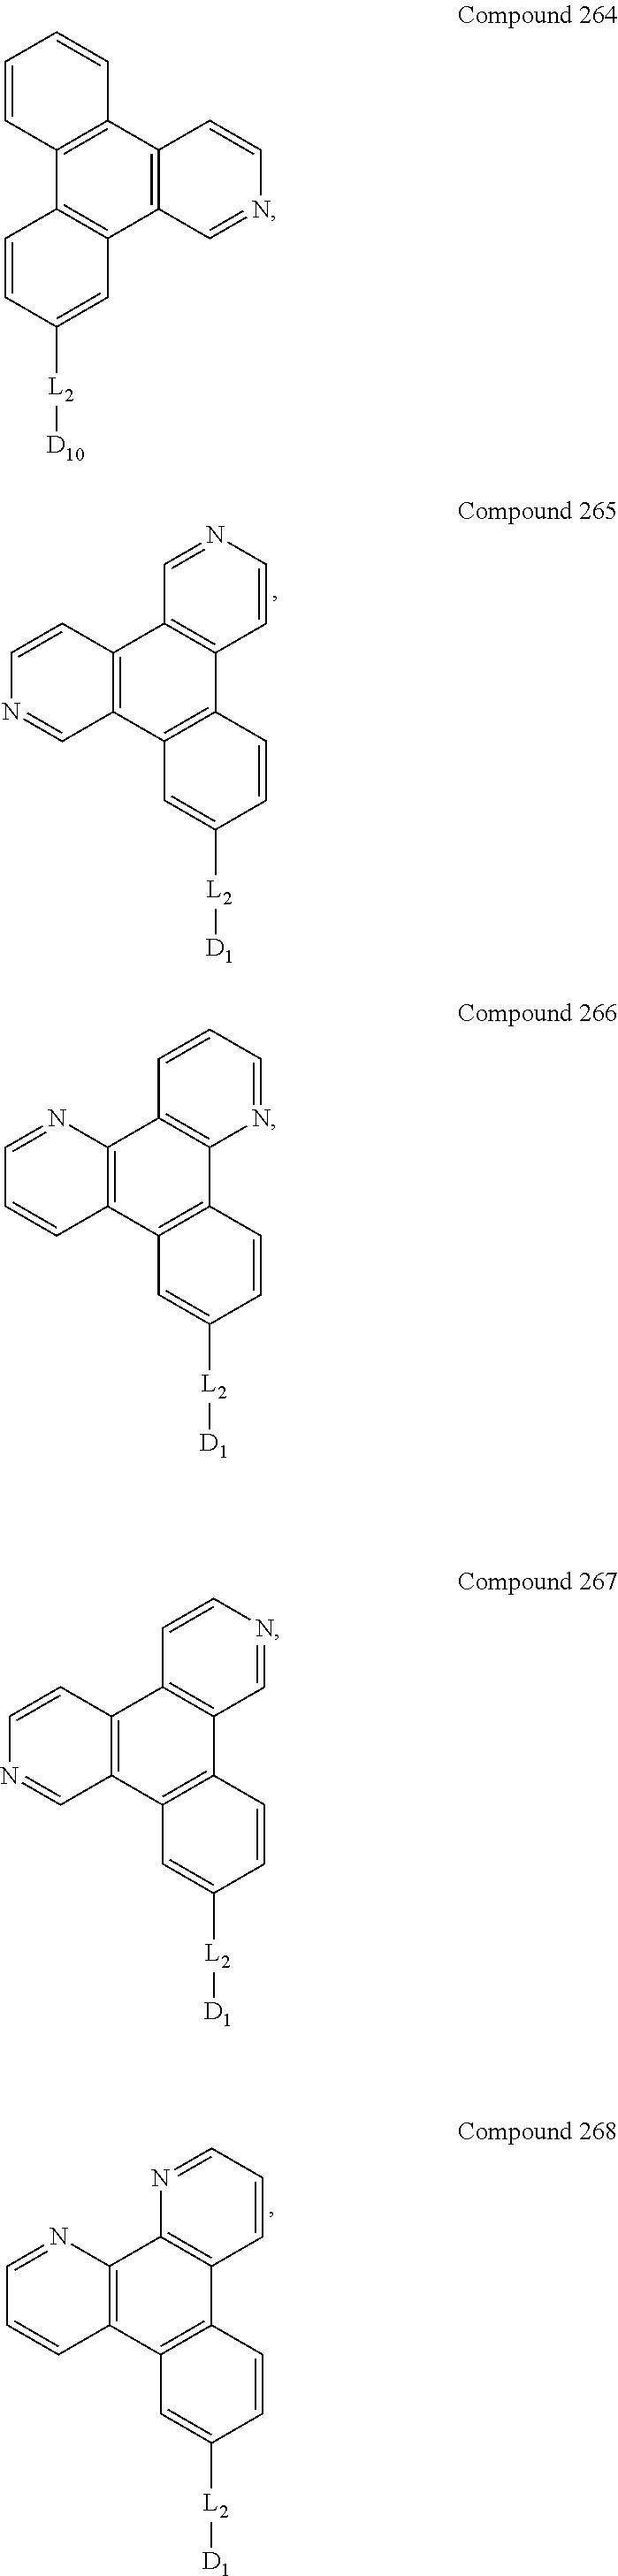 Figure US09537106-20170103-C00624